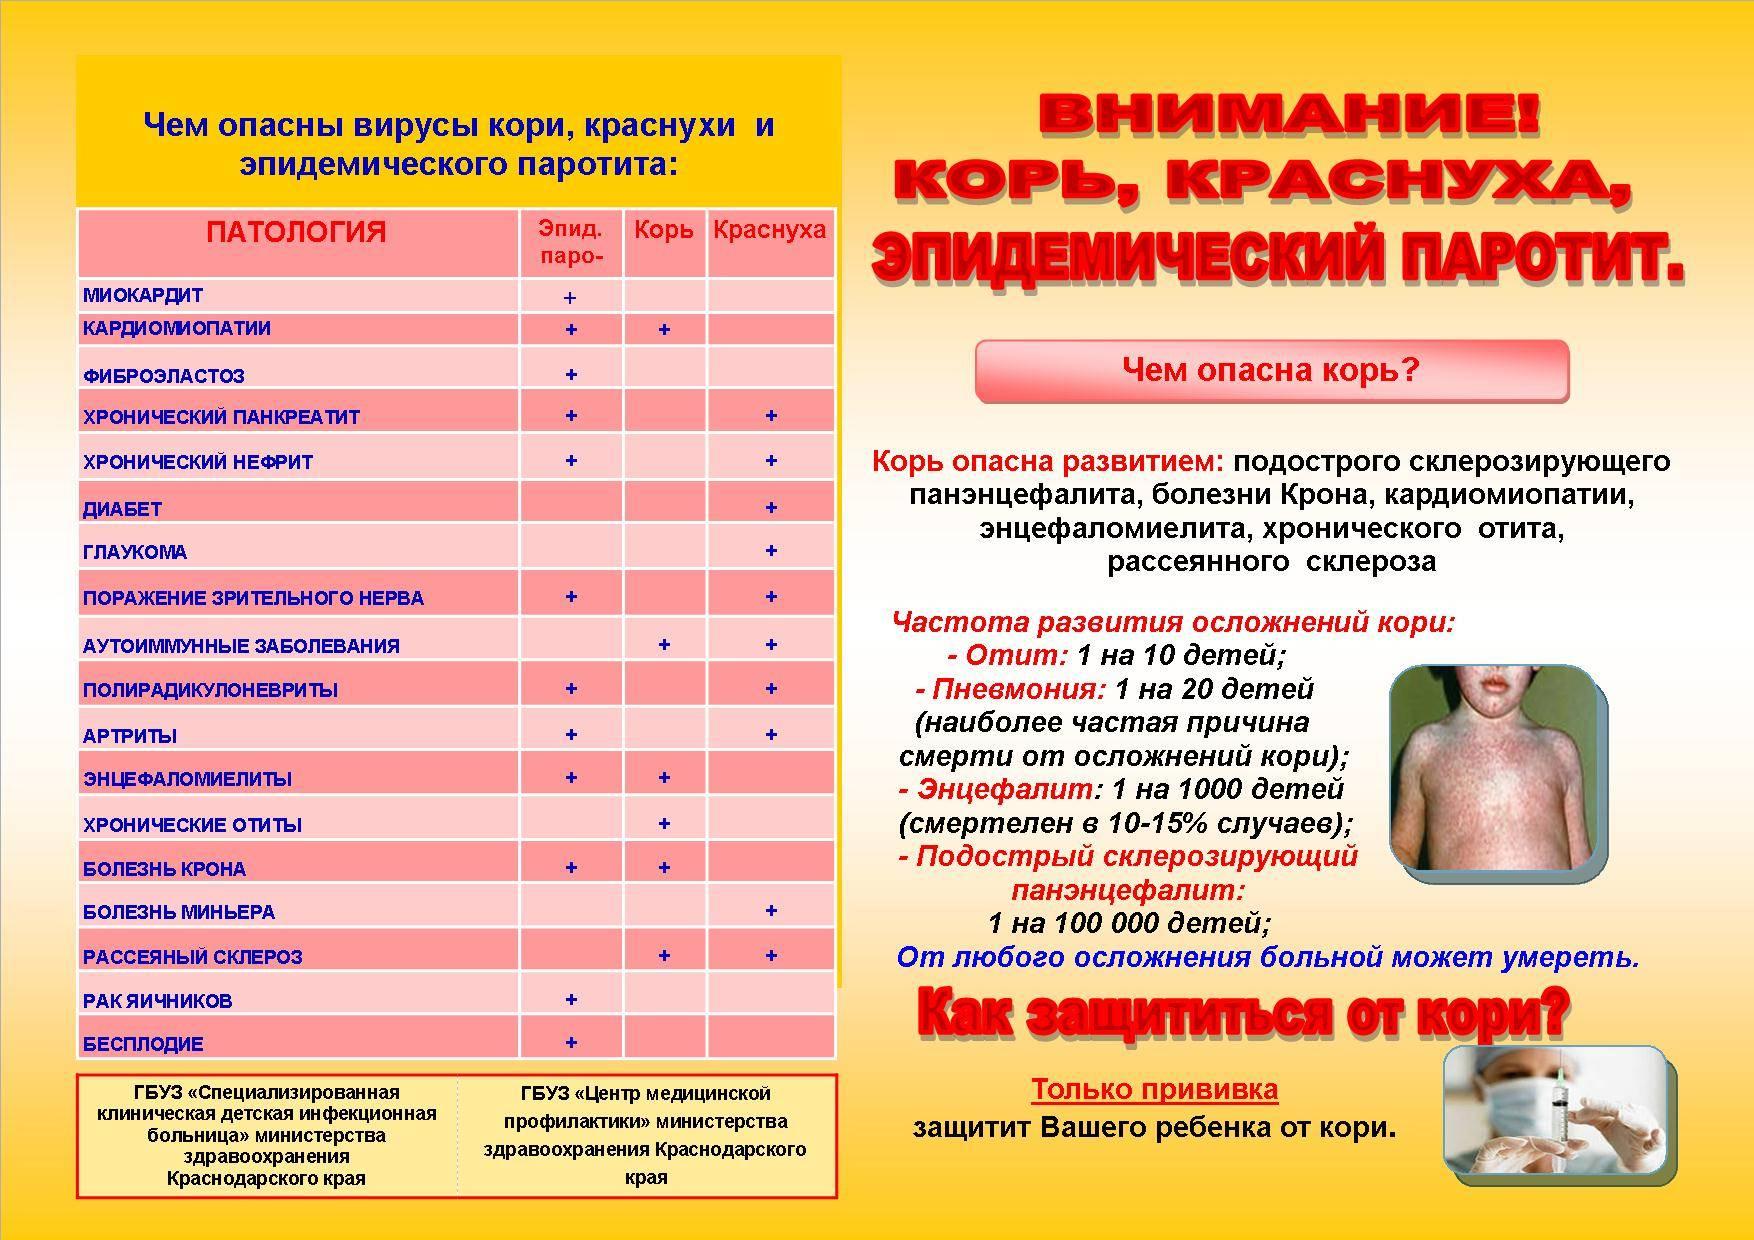 Периодичность прививок от кори – когда проводится ревакцинация?